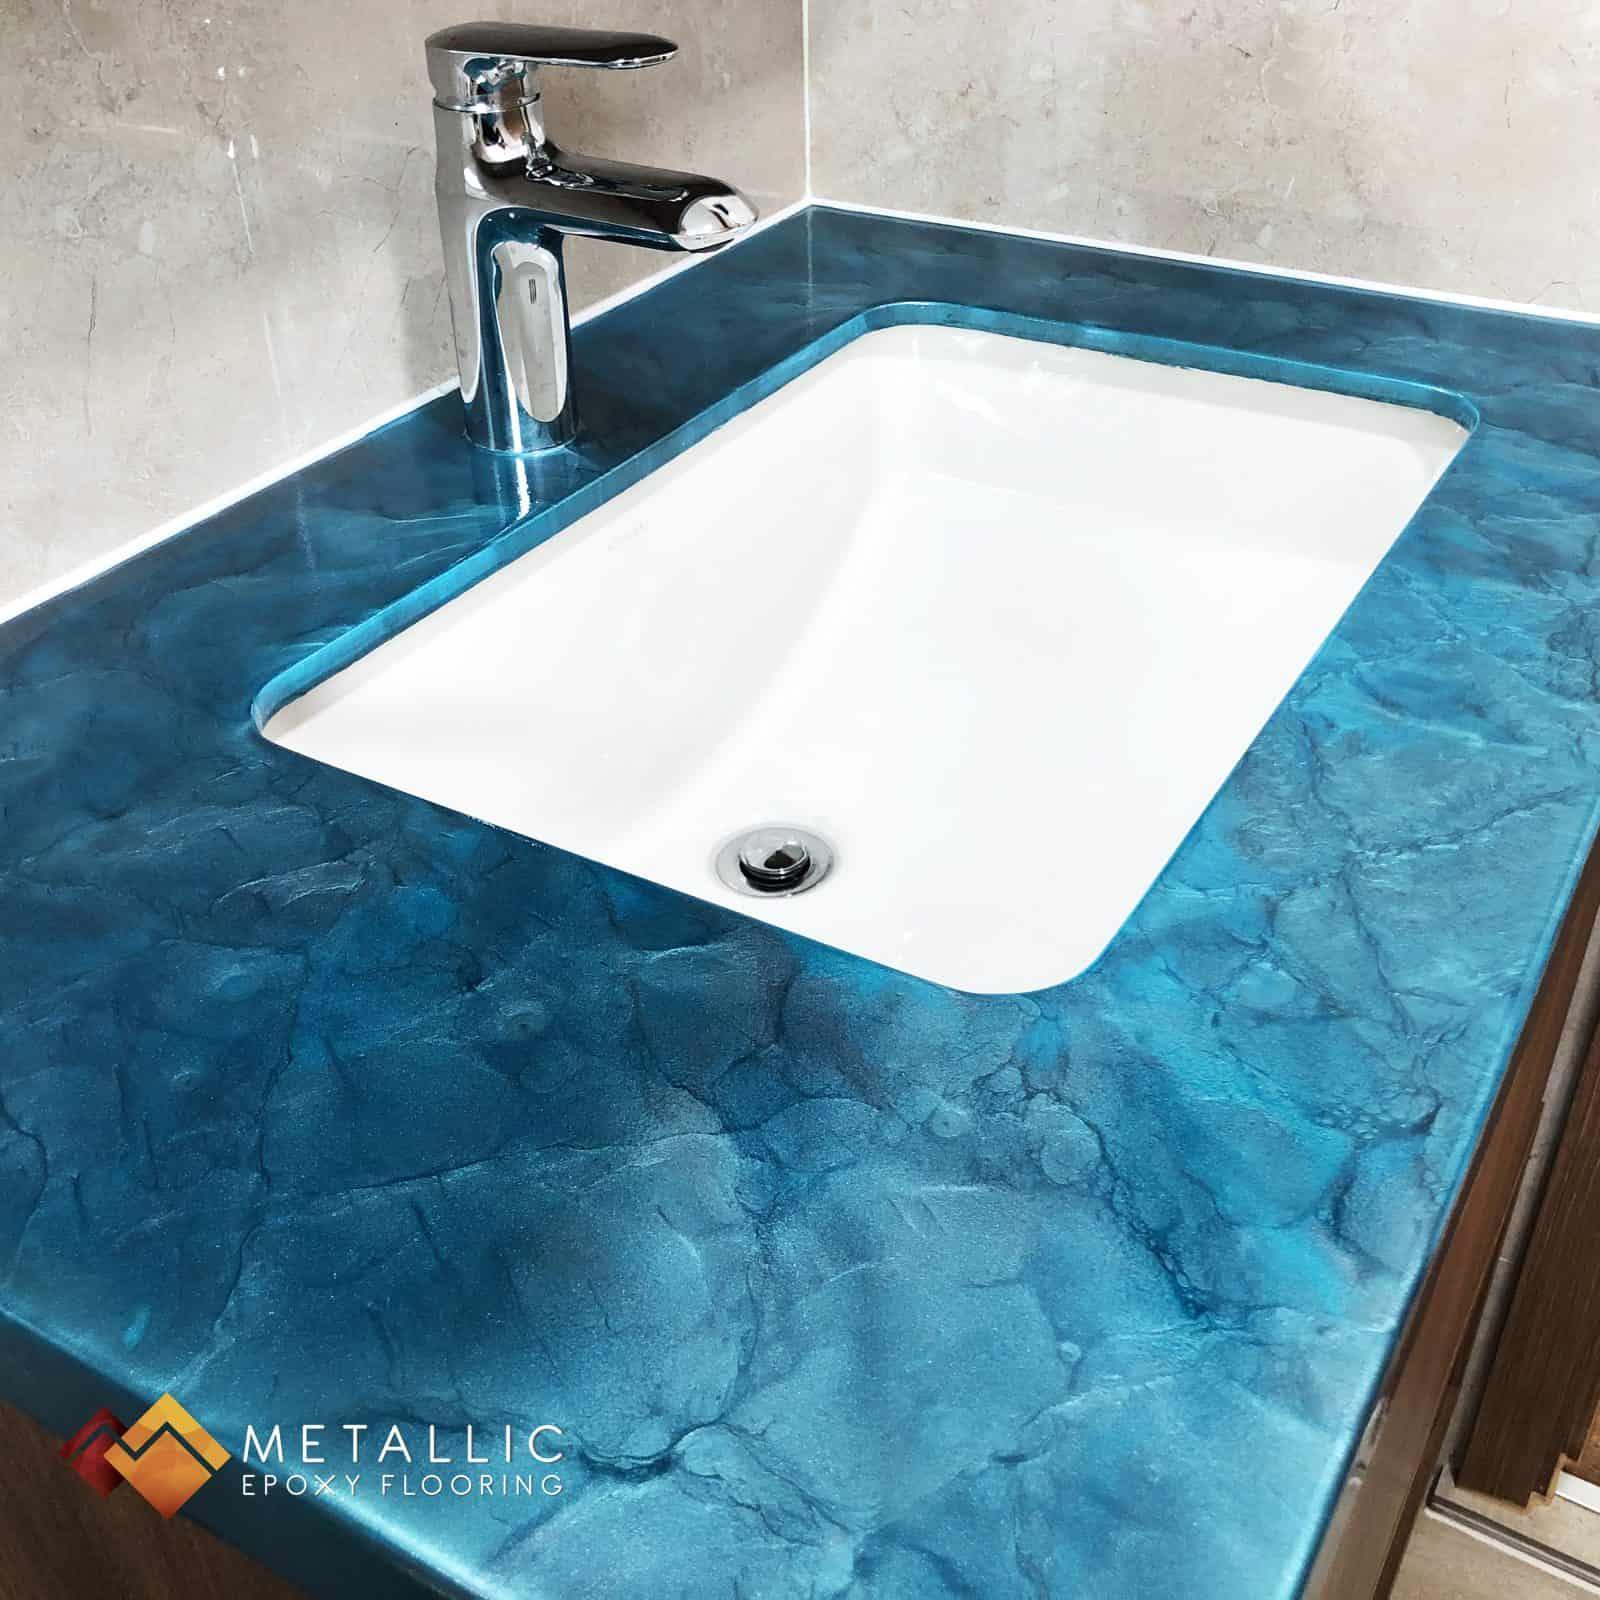 Blue metallic epoxy singapore vanity top